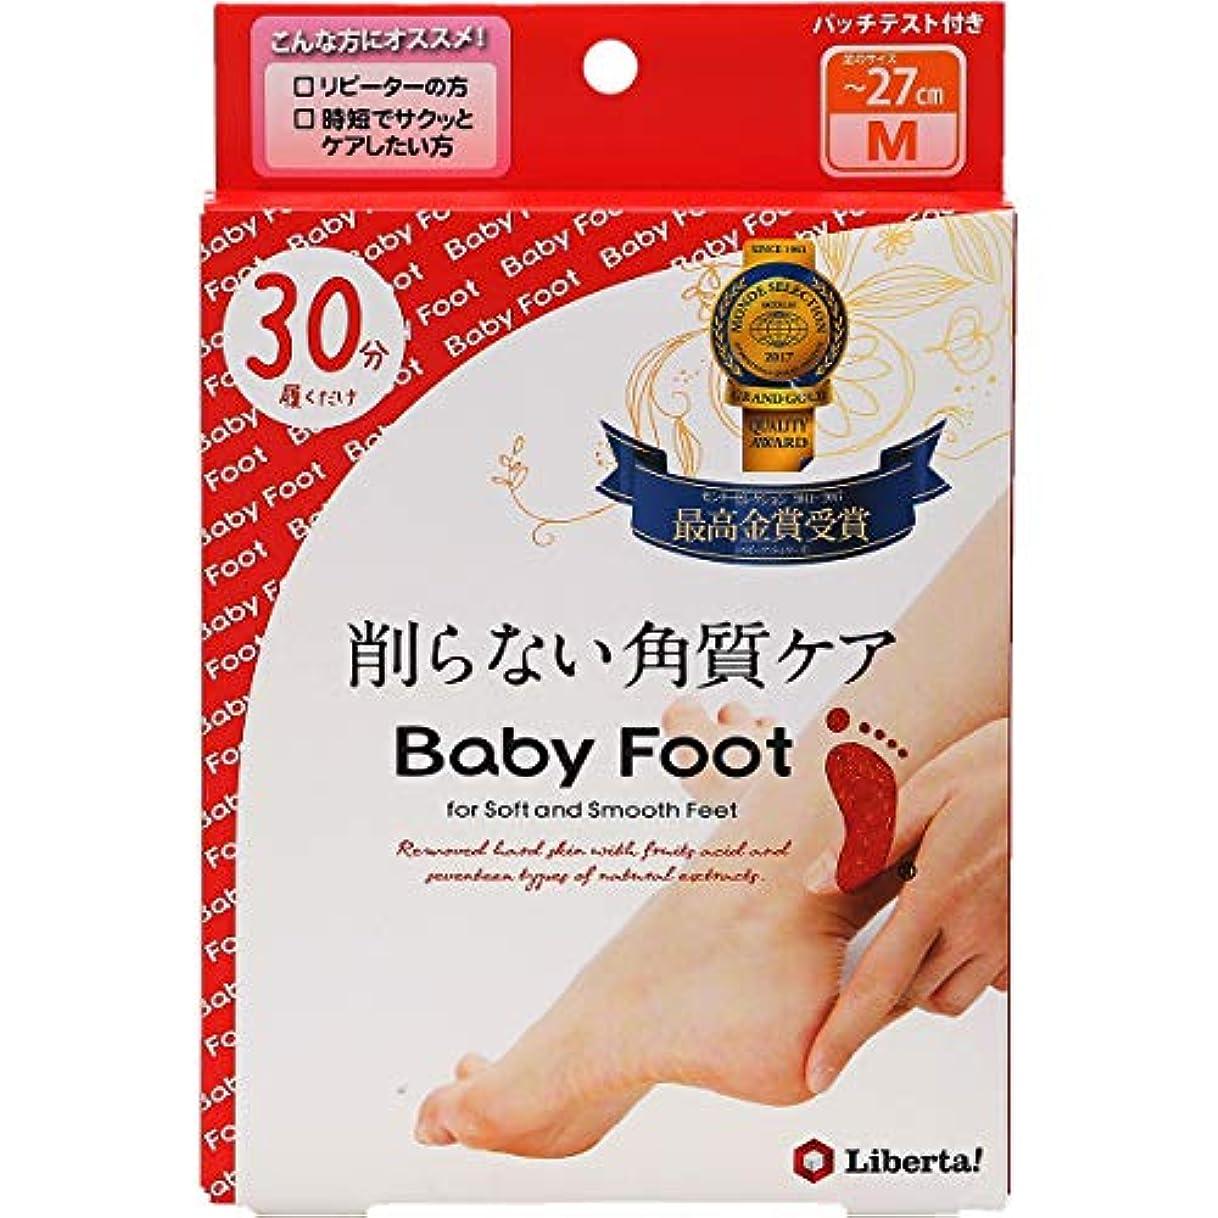 ホラー過敏な人気のベビーフット (Baby Foot) ベビーフット イージーパック30分タイプ Mサイズ 単品